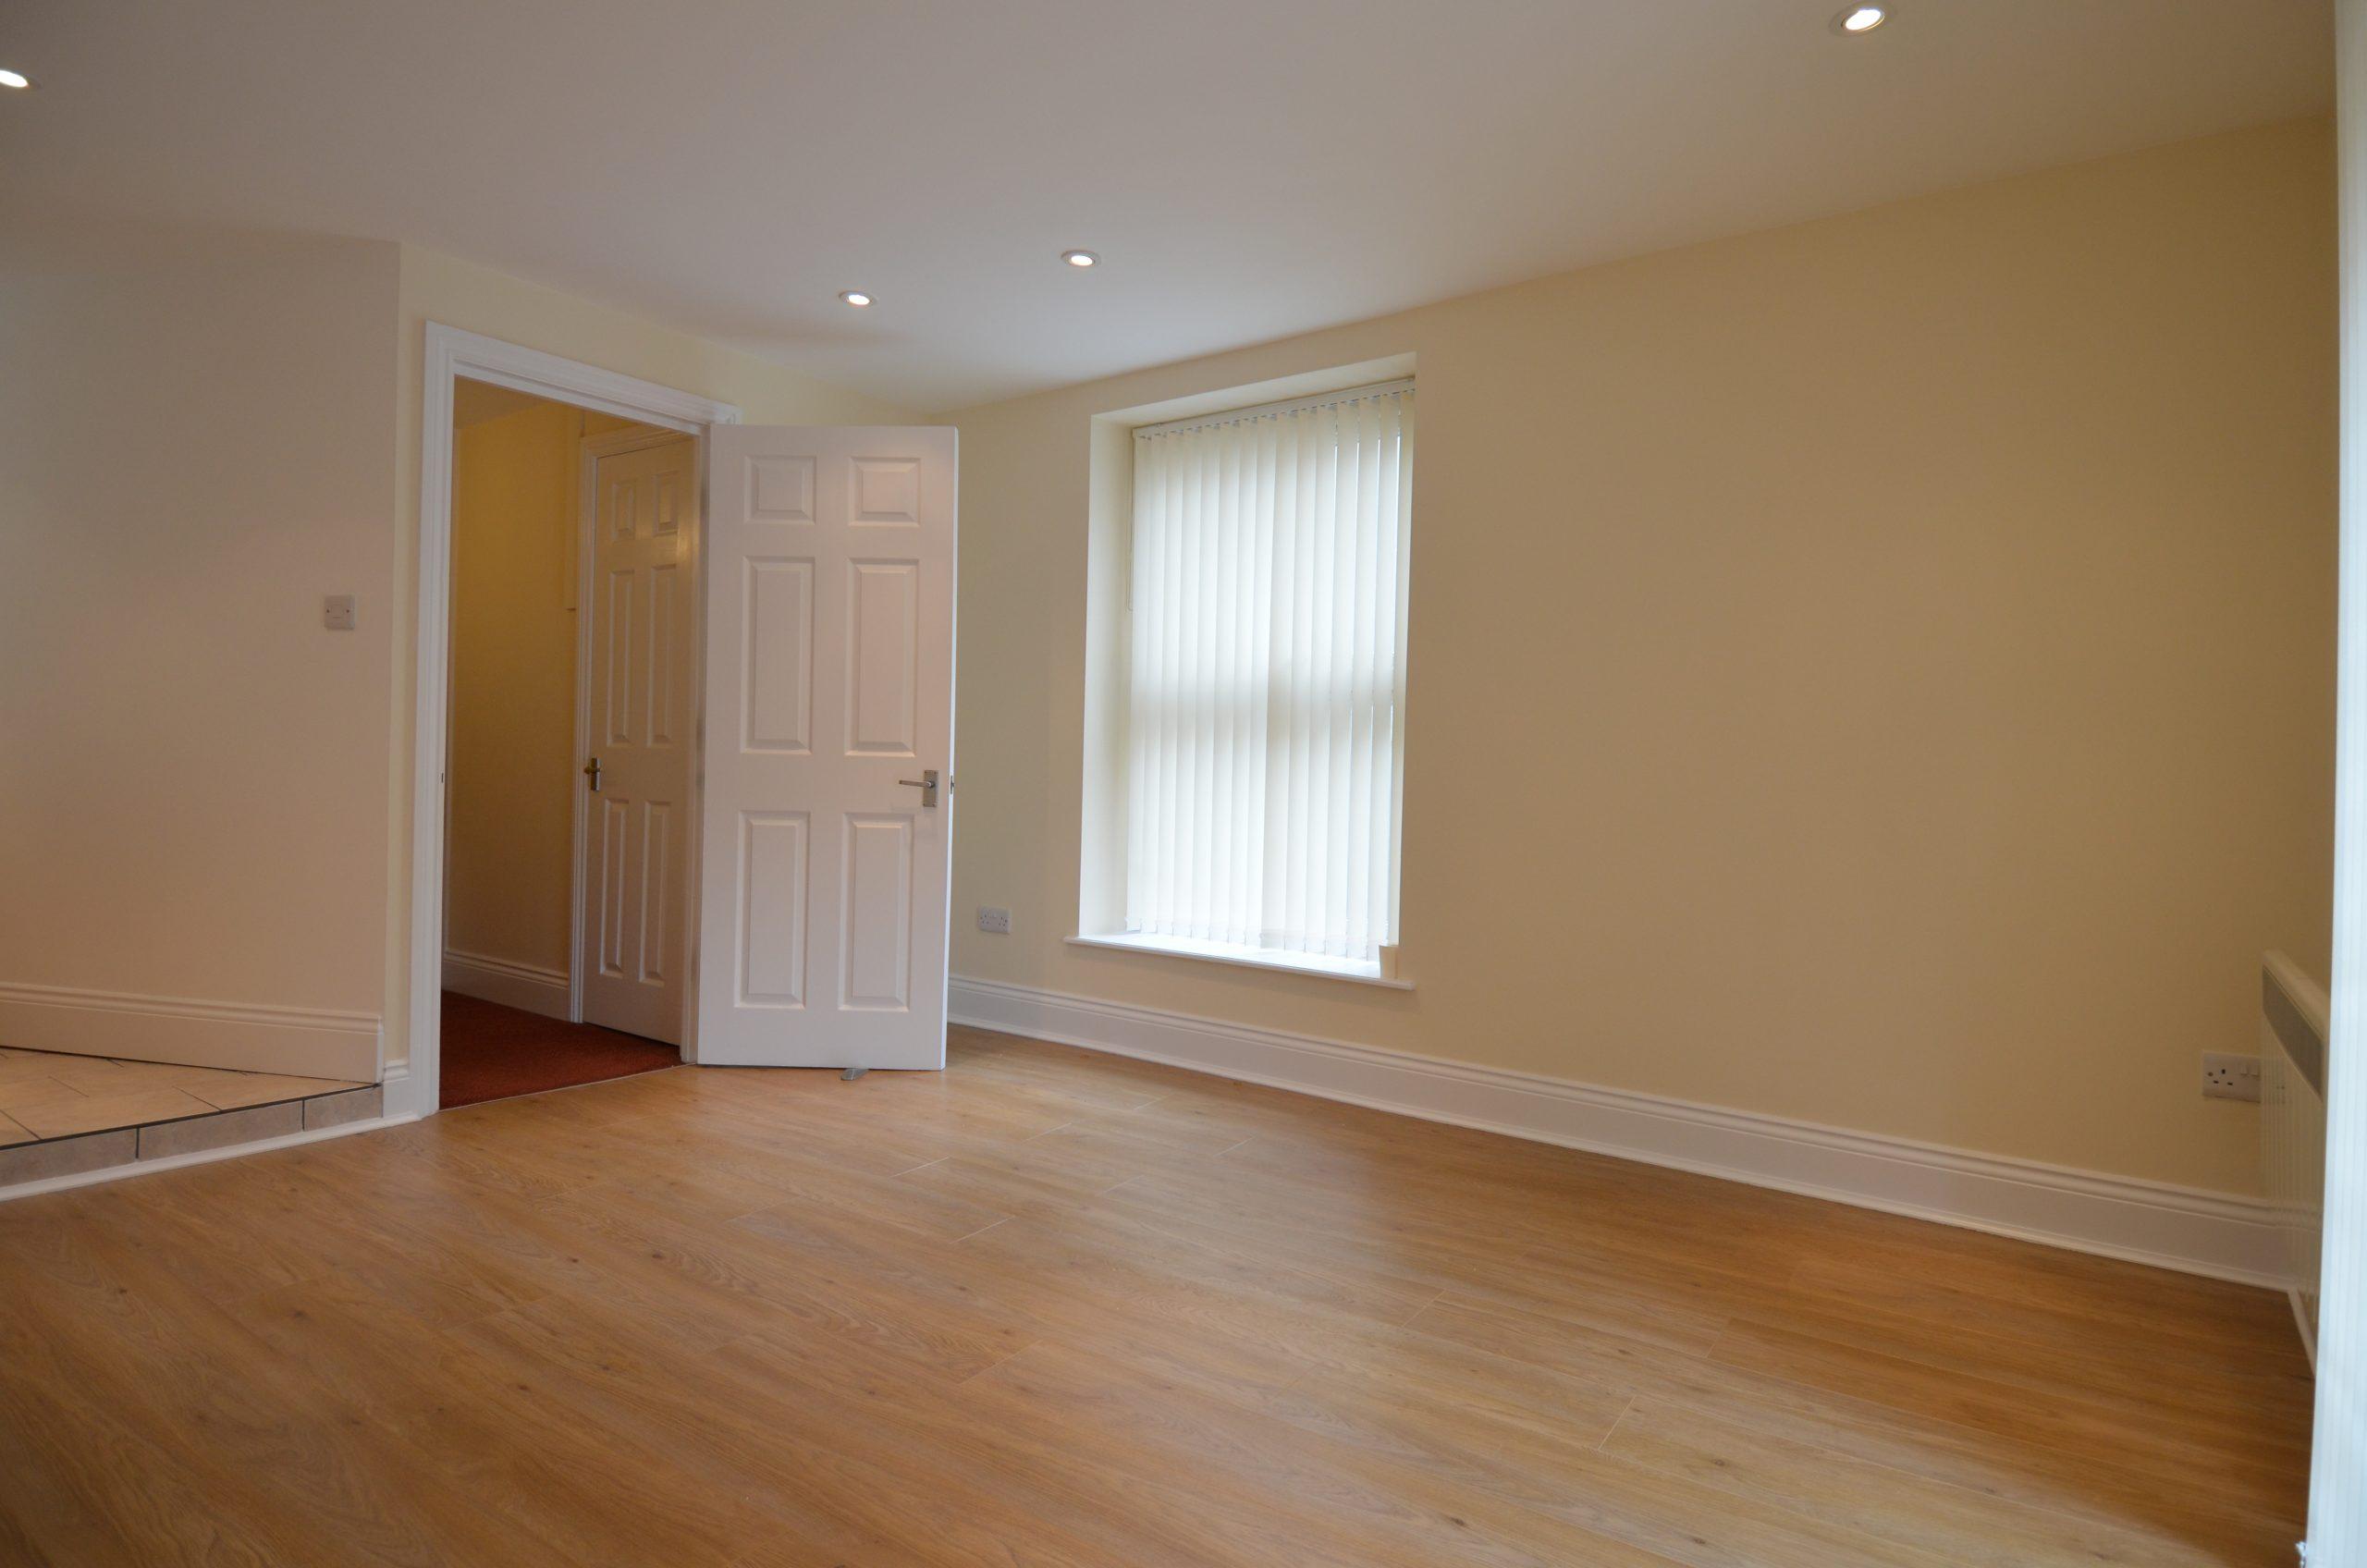 1 bedroom Flat Flat 3, 21 Market Street Torquay, TQ1 3AF